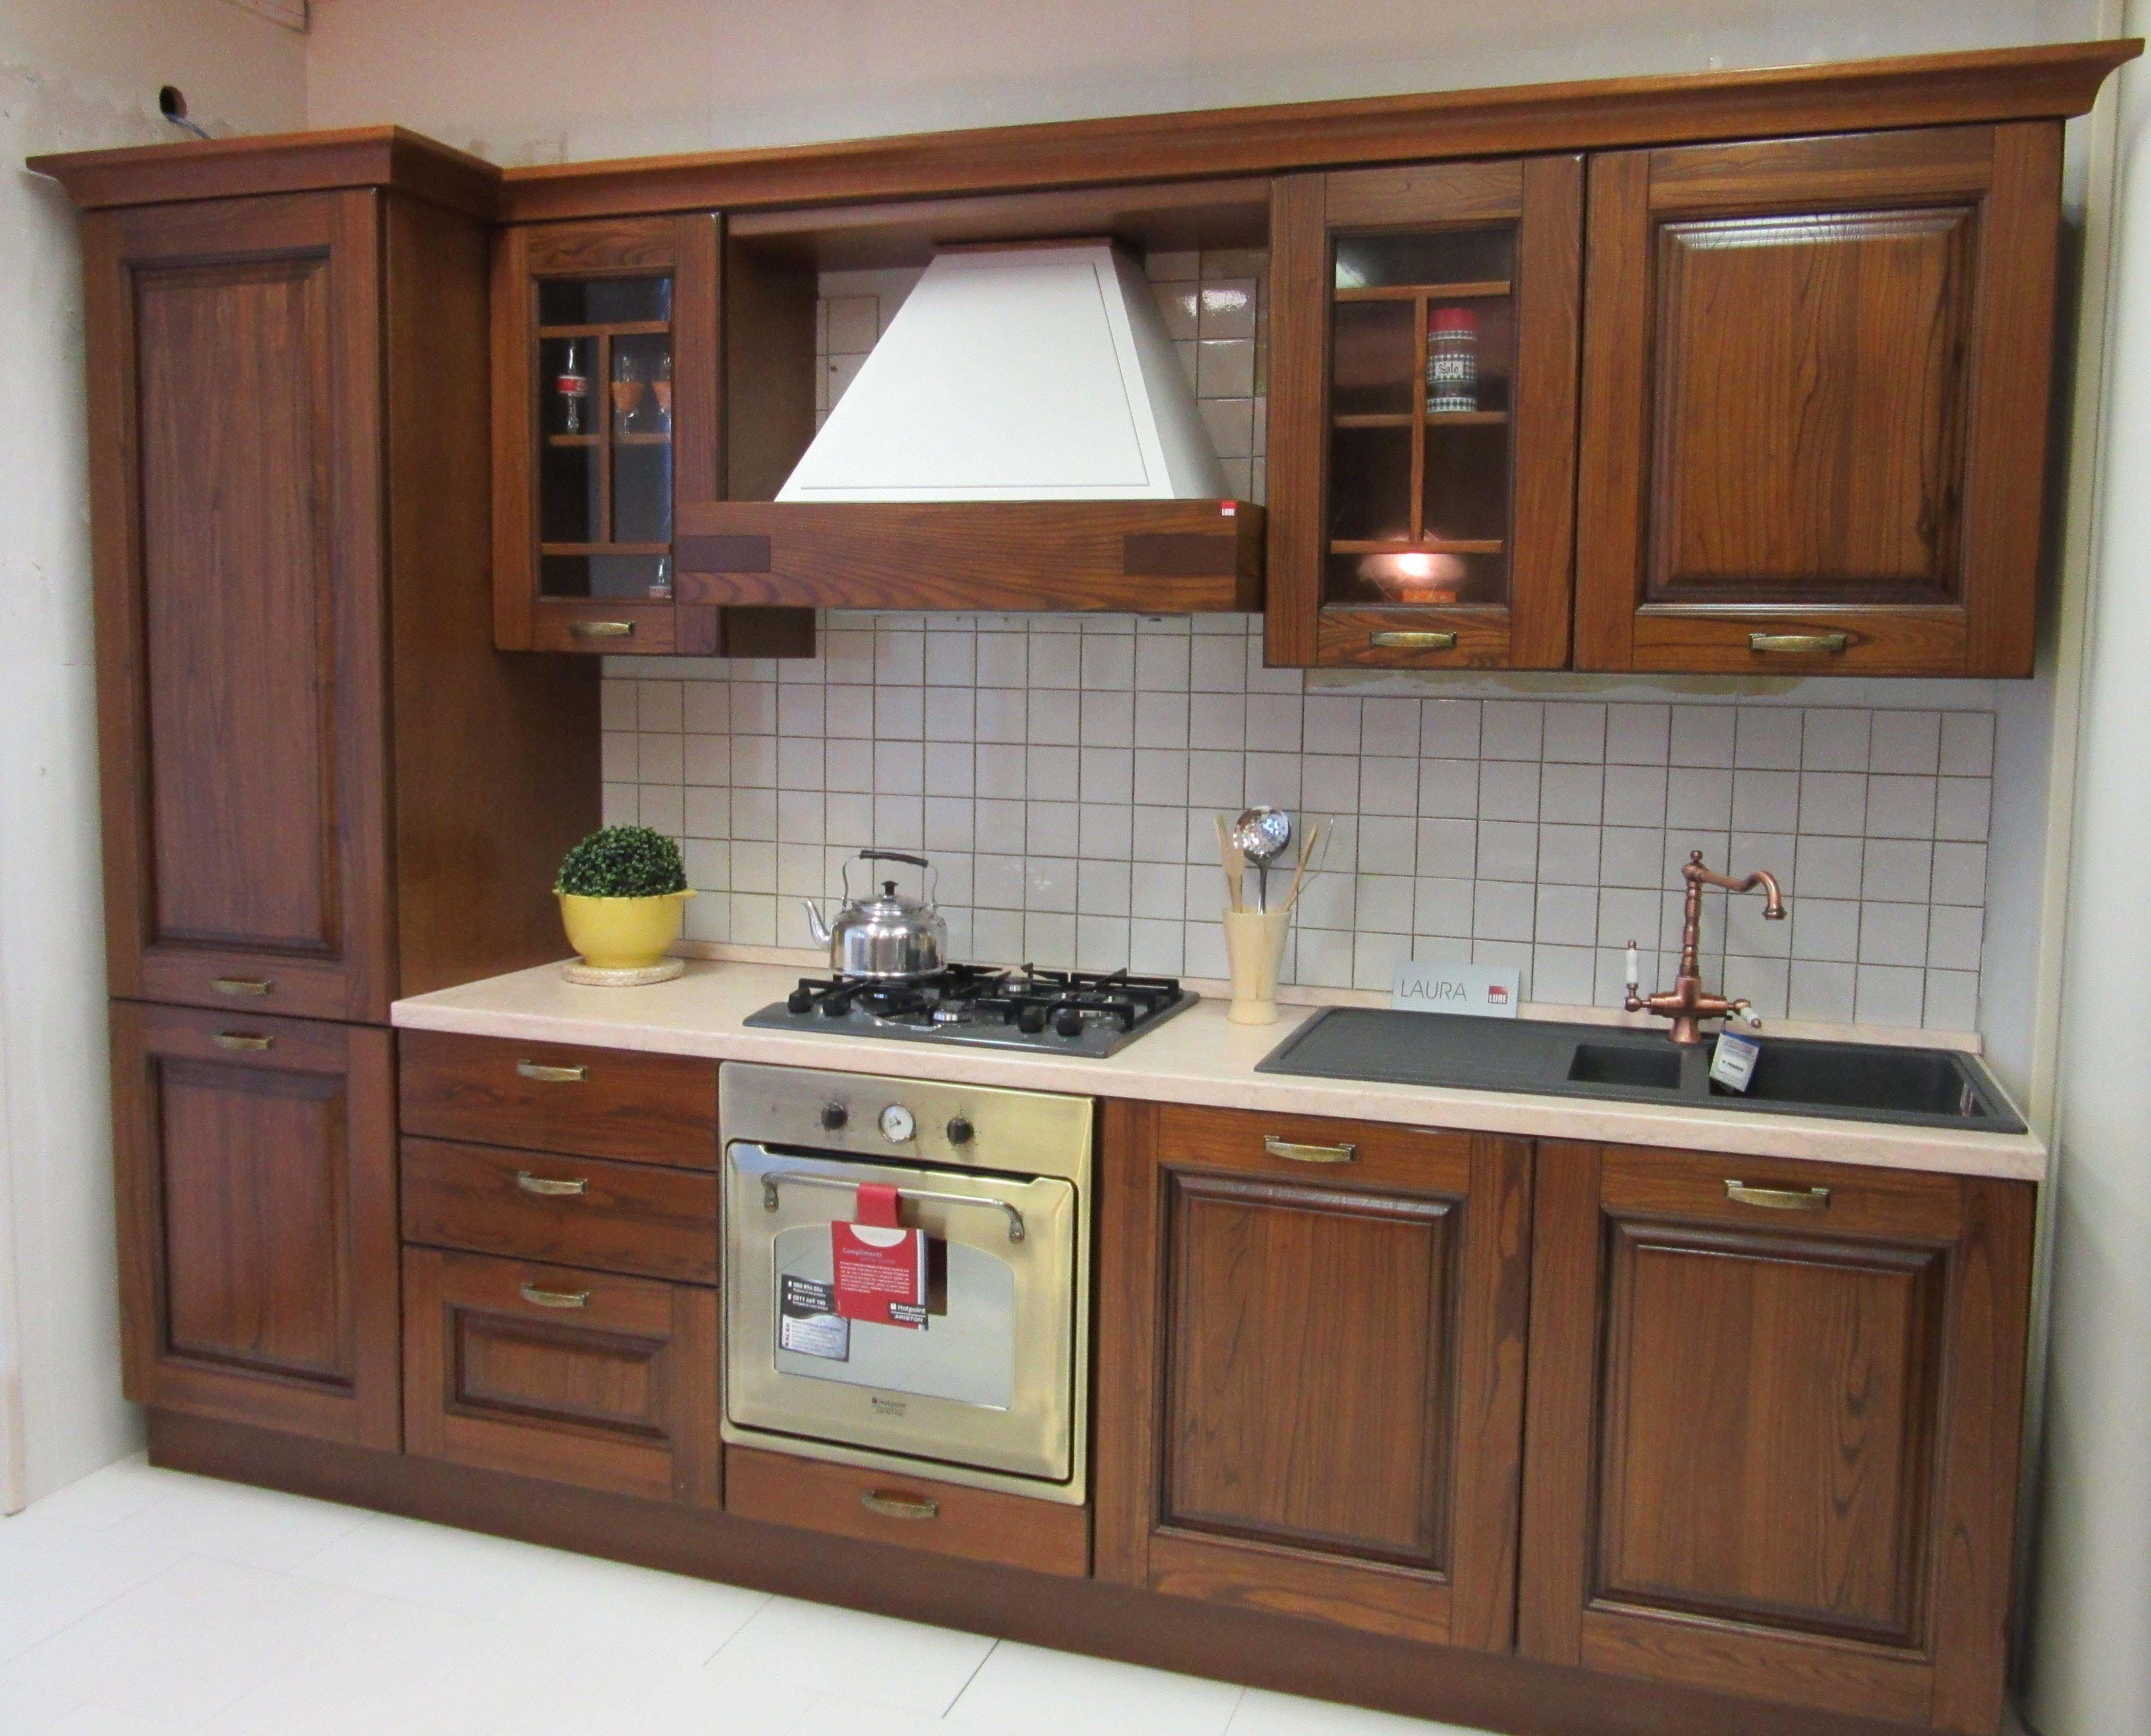 Cucina Lube Cucine Laura Legno - Cucine a prezzi scontati